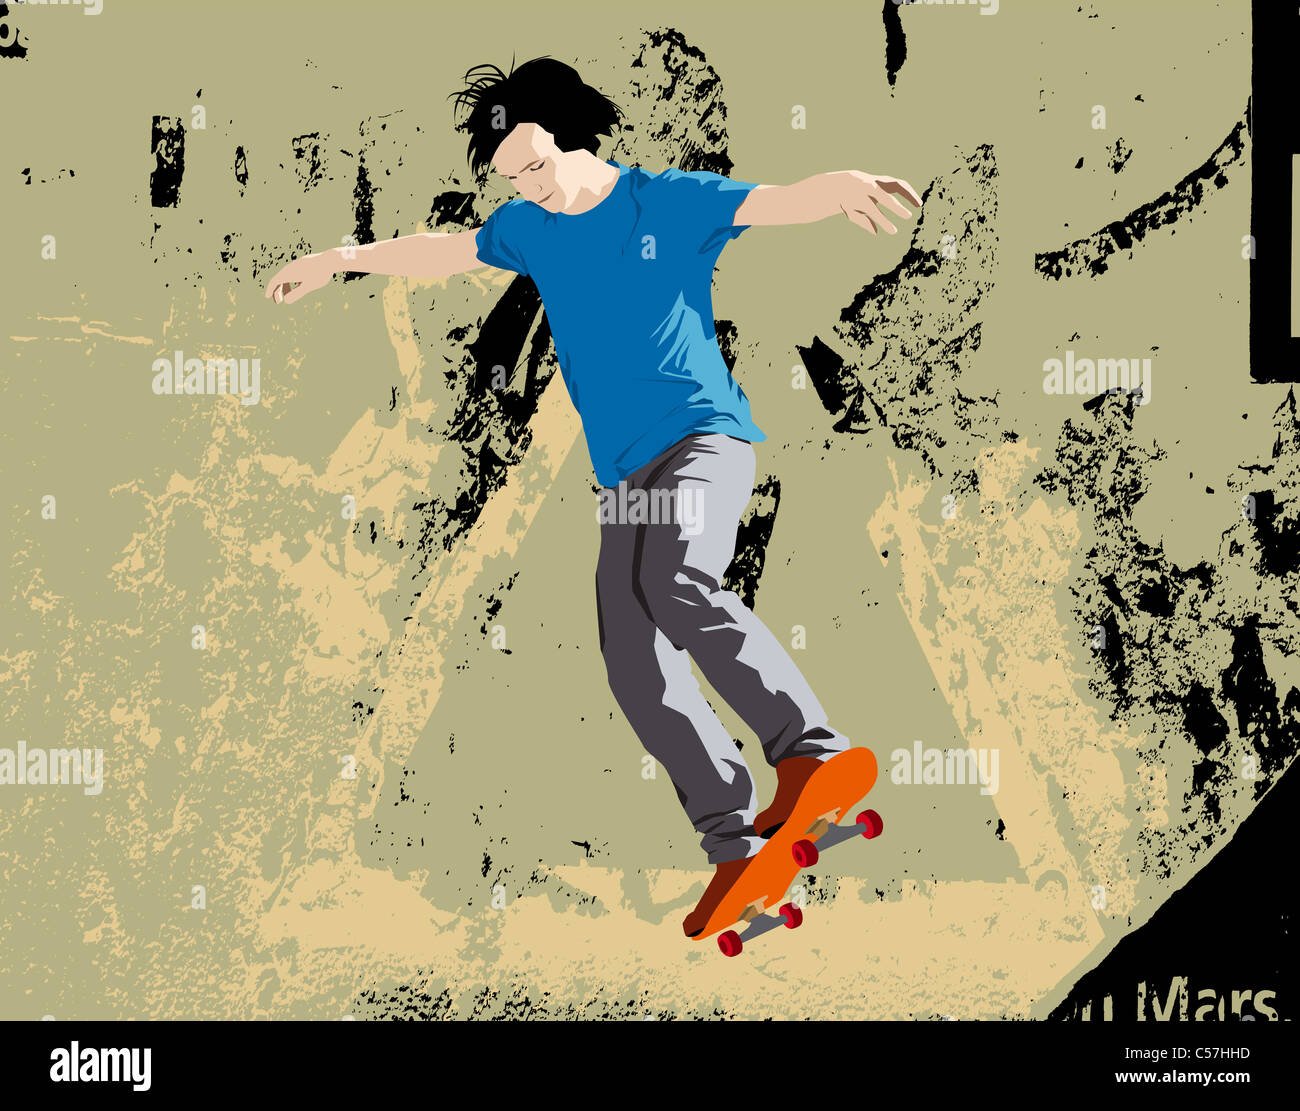 Giovane guidatore di skateboard jumping. Illustrazione Vettoriale con sfondo grunge. Immagini Stock